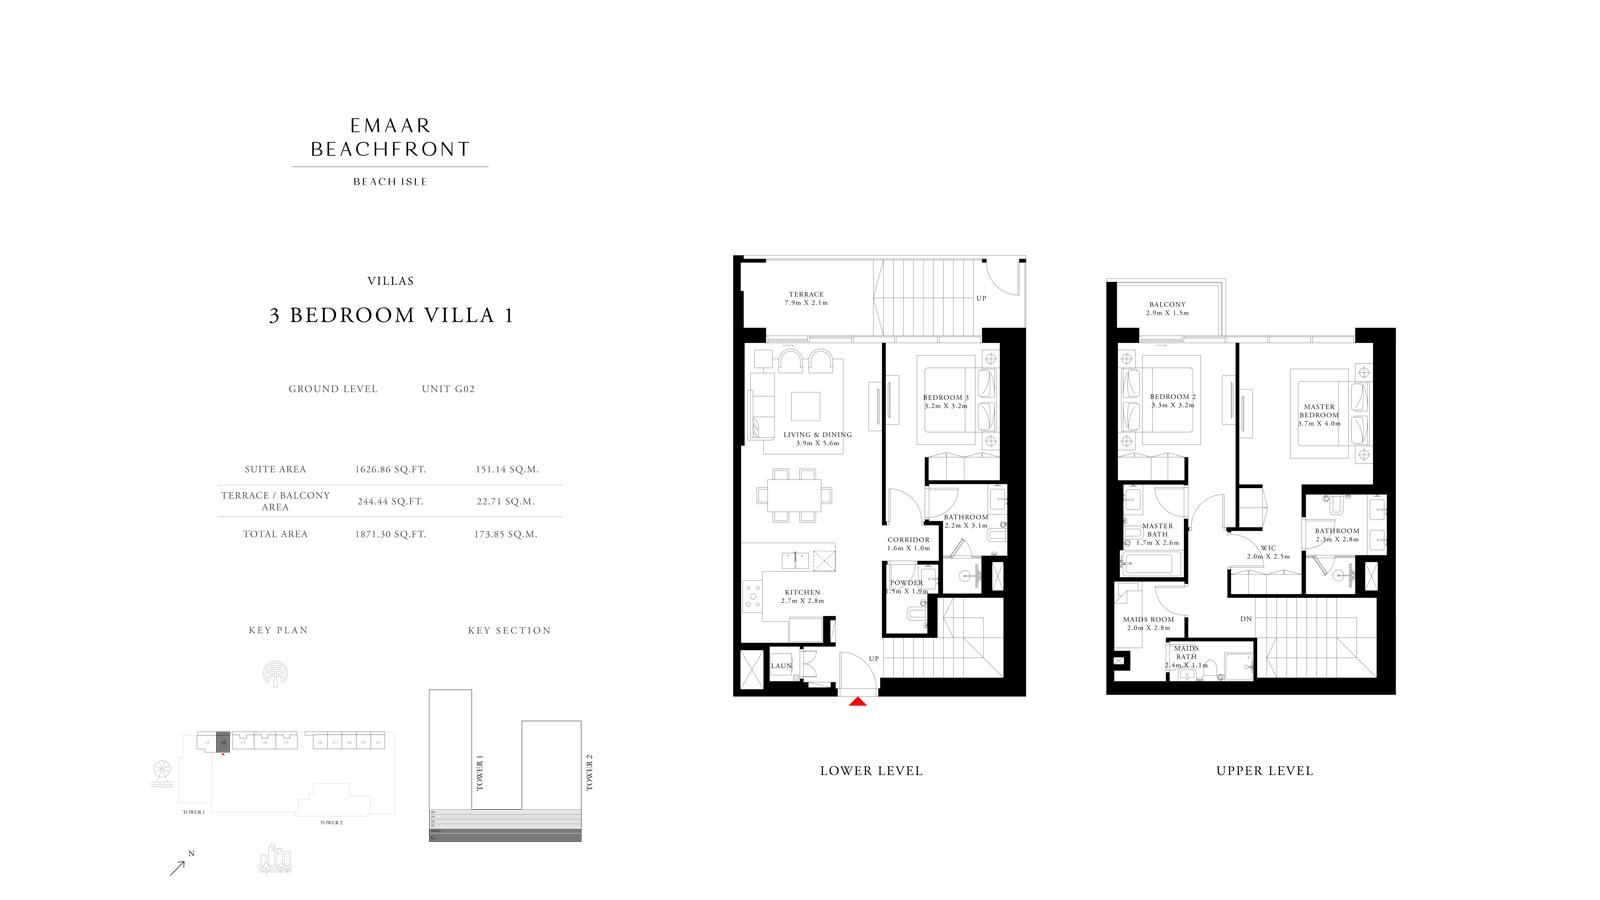 3 Bedroom Villas 1, Size 1871 sq ft